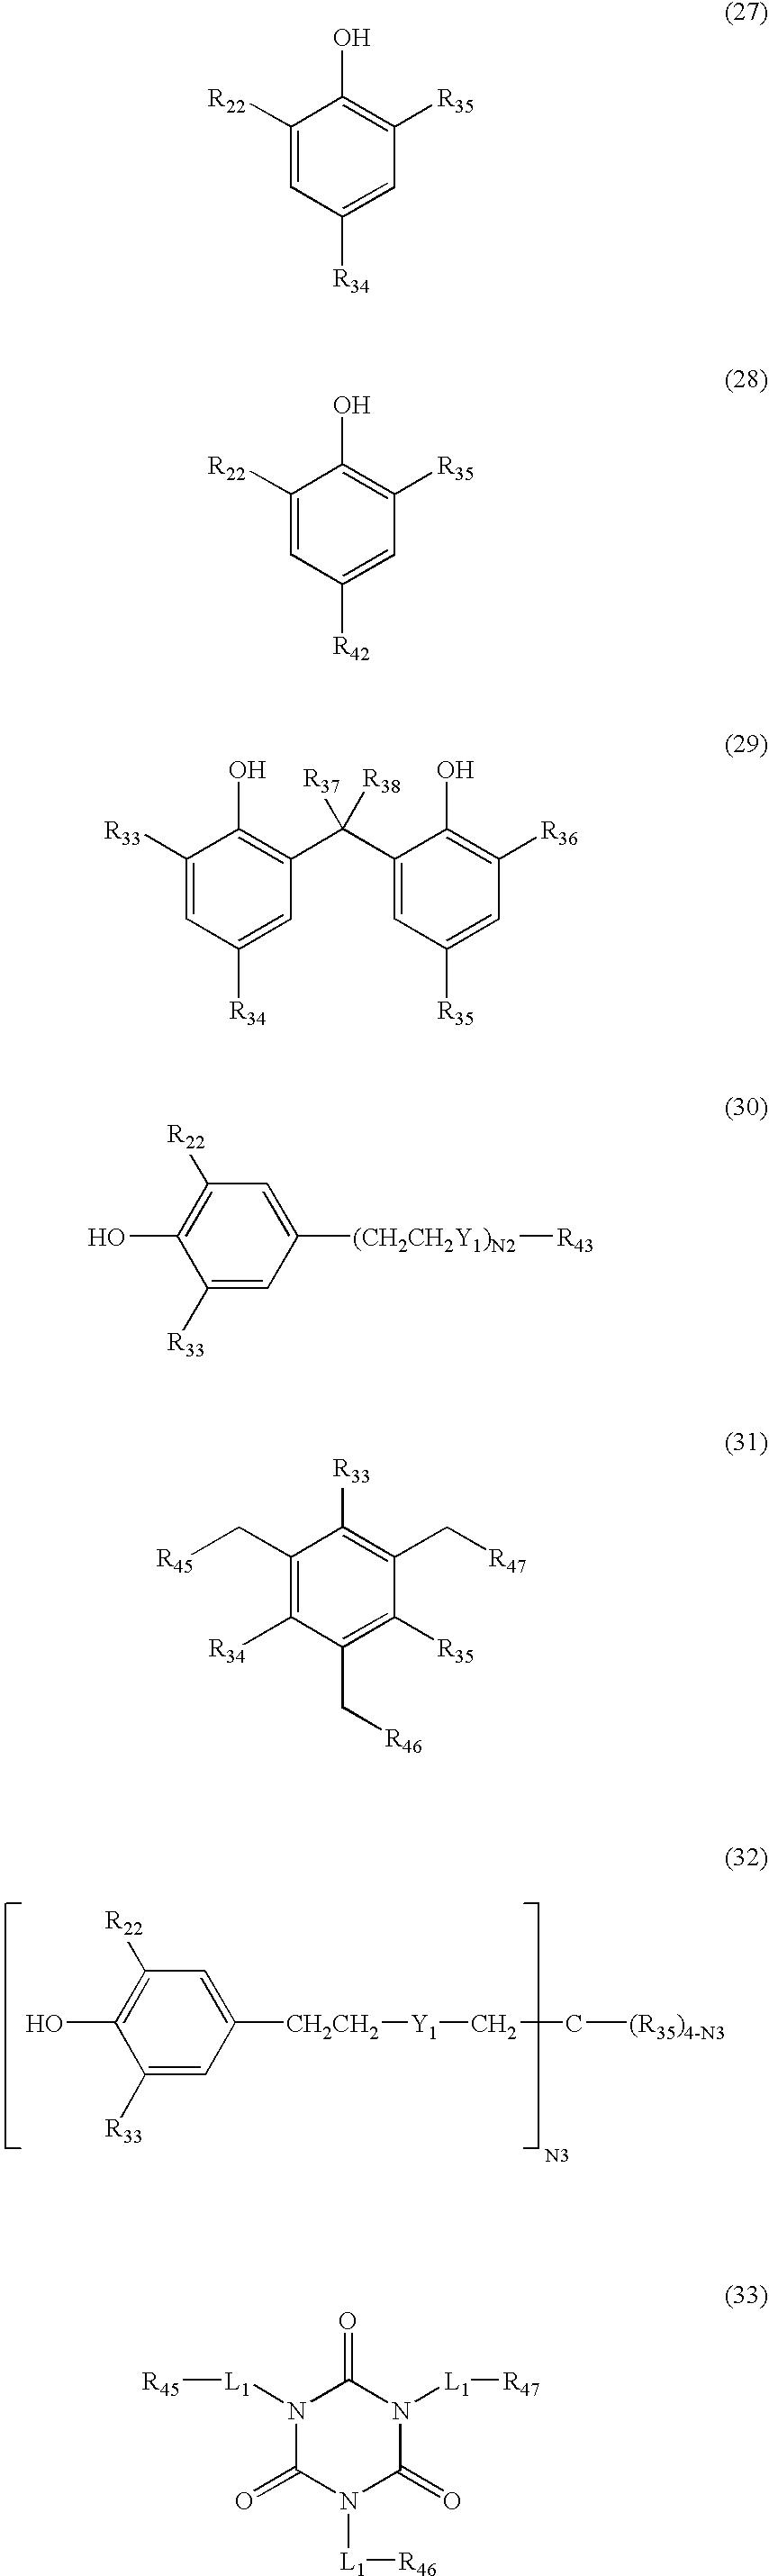 Figure US20040192813A1-20040930-C00009